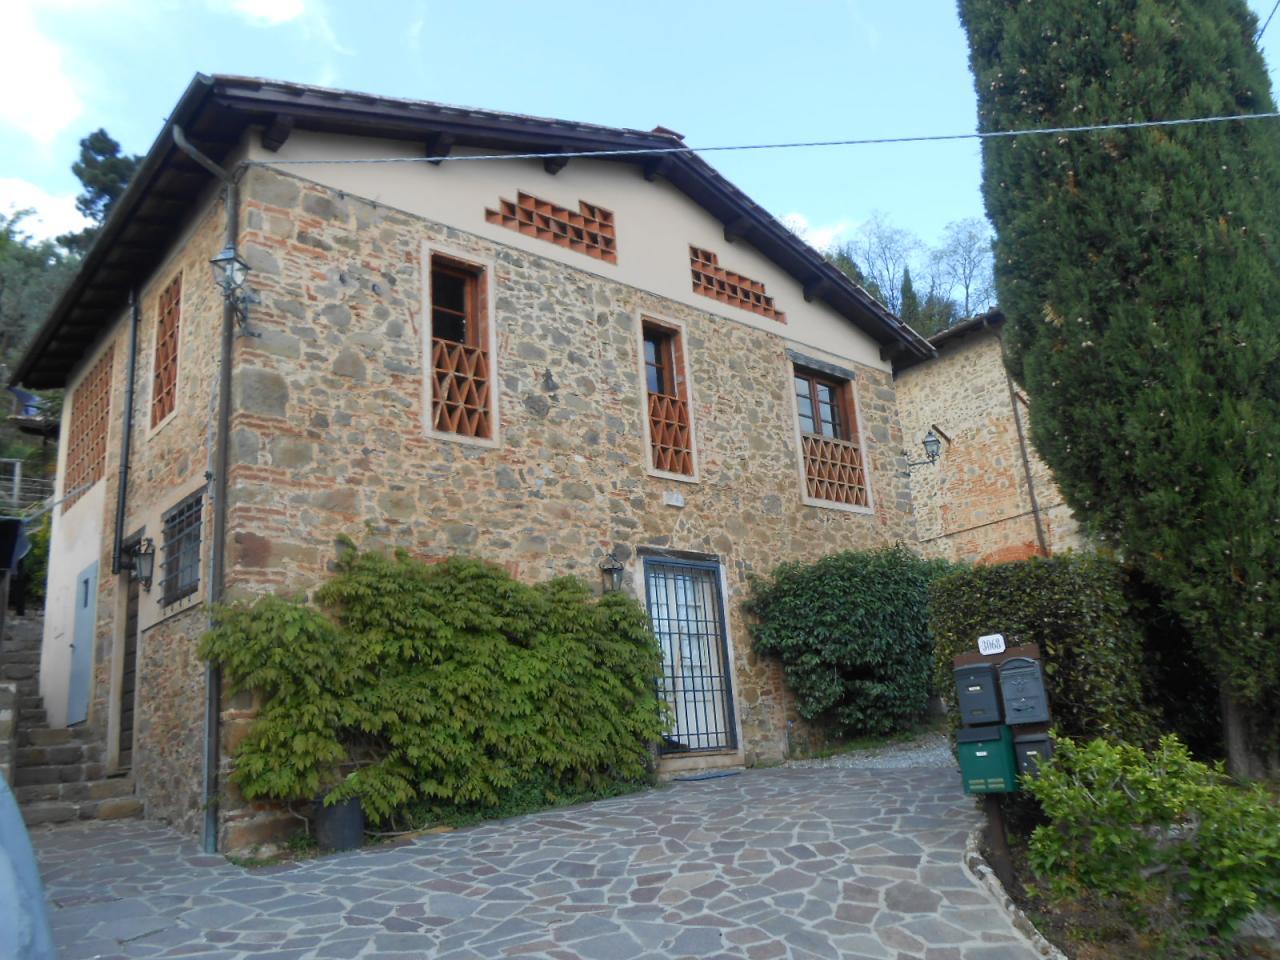 Rustico / Casale in affitto a Lucca, 10 locali, prezzo € 1.500 | CambioCasa.it